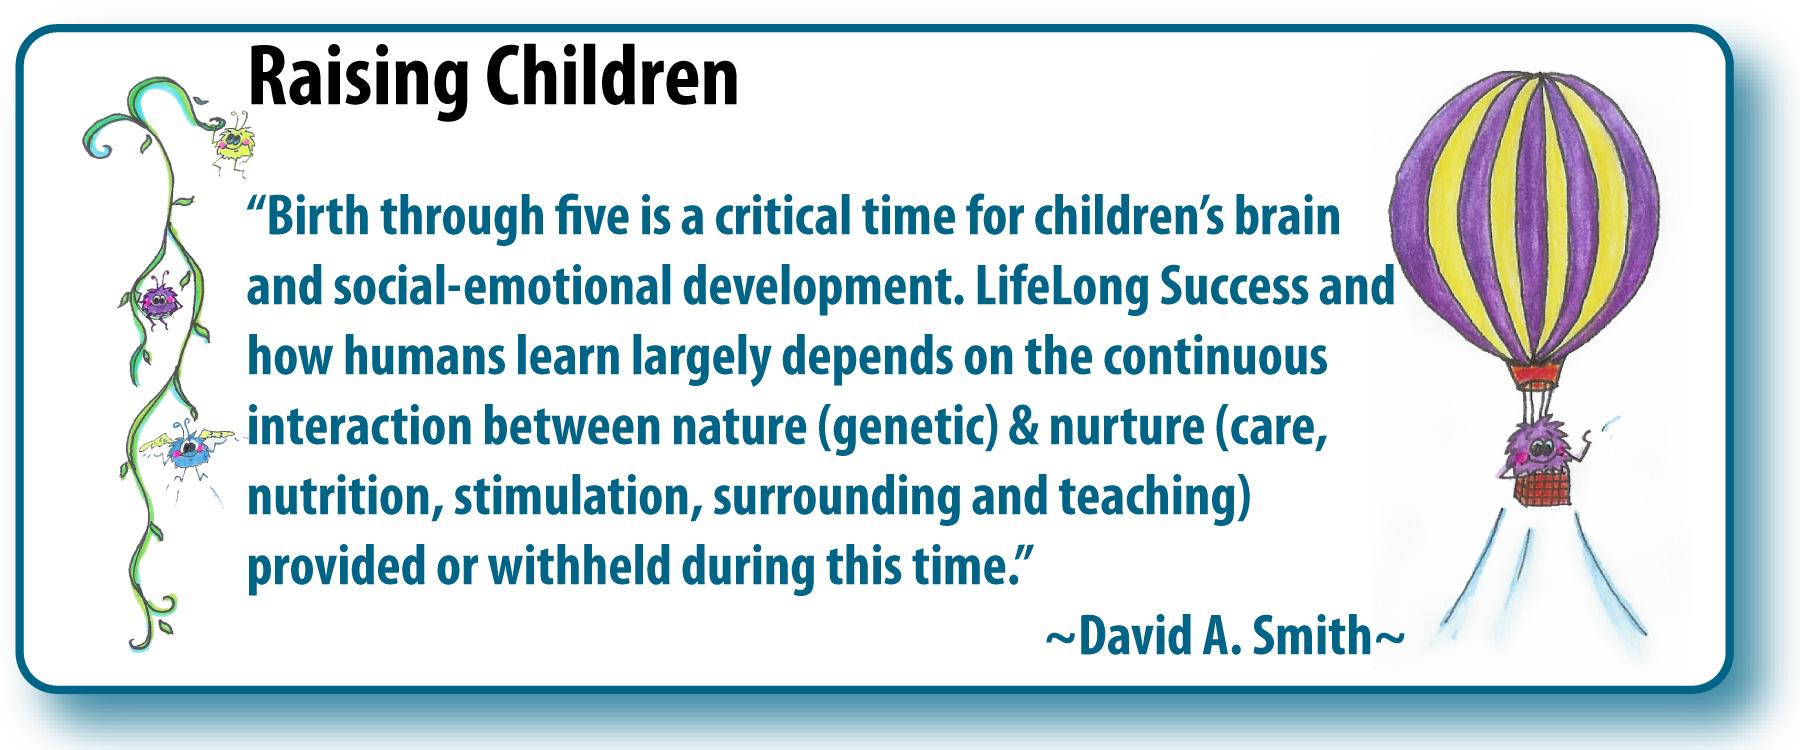 Raising Children Quotes. QuotesGram